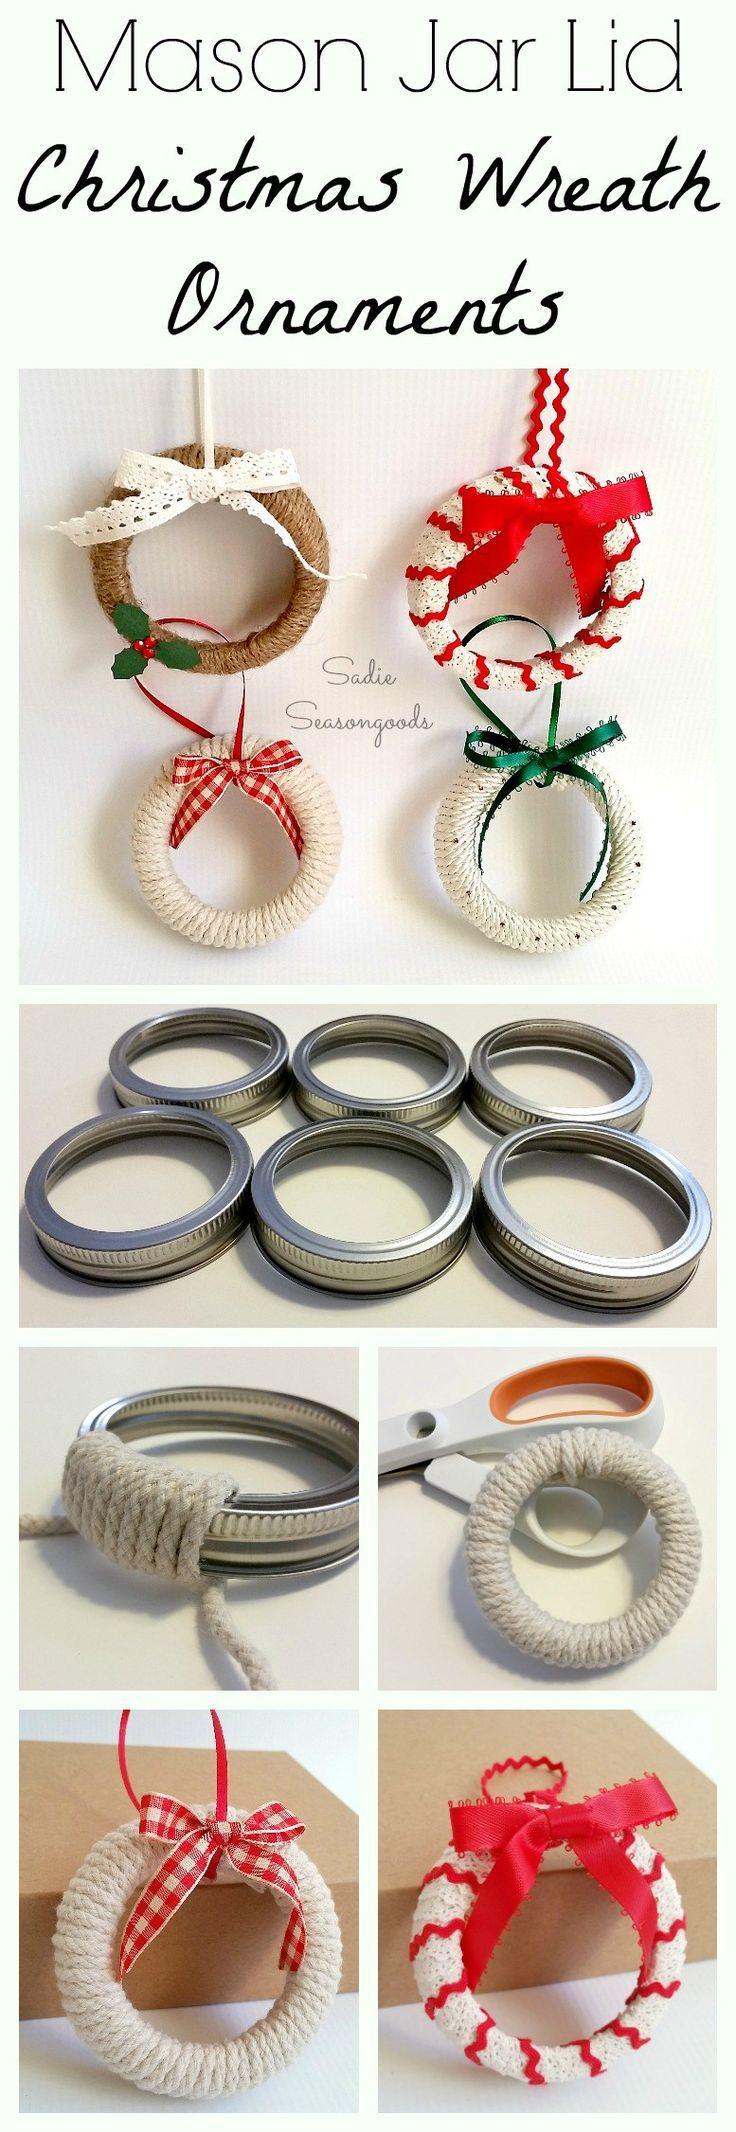 DIY Craft: DIY Mason Jar Lid Wreath Ornaments for a Rustic Farmhouse Christmas 1